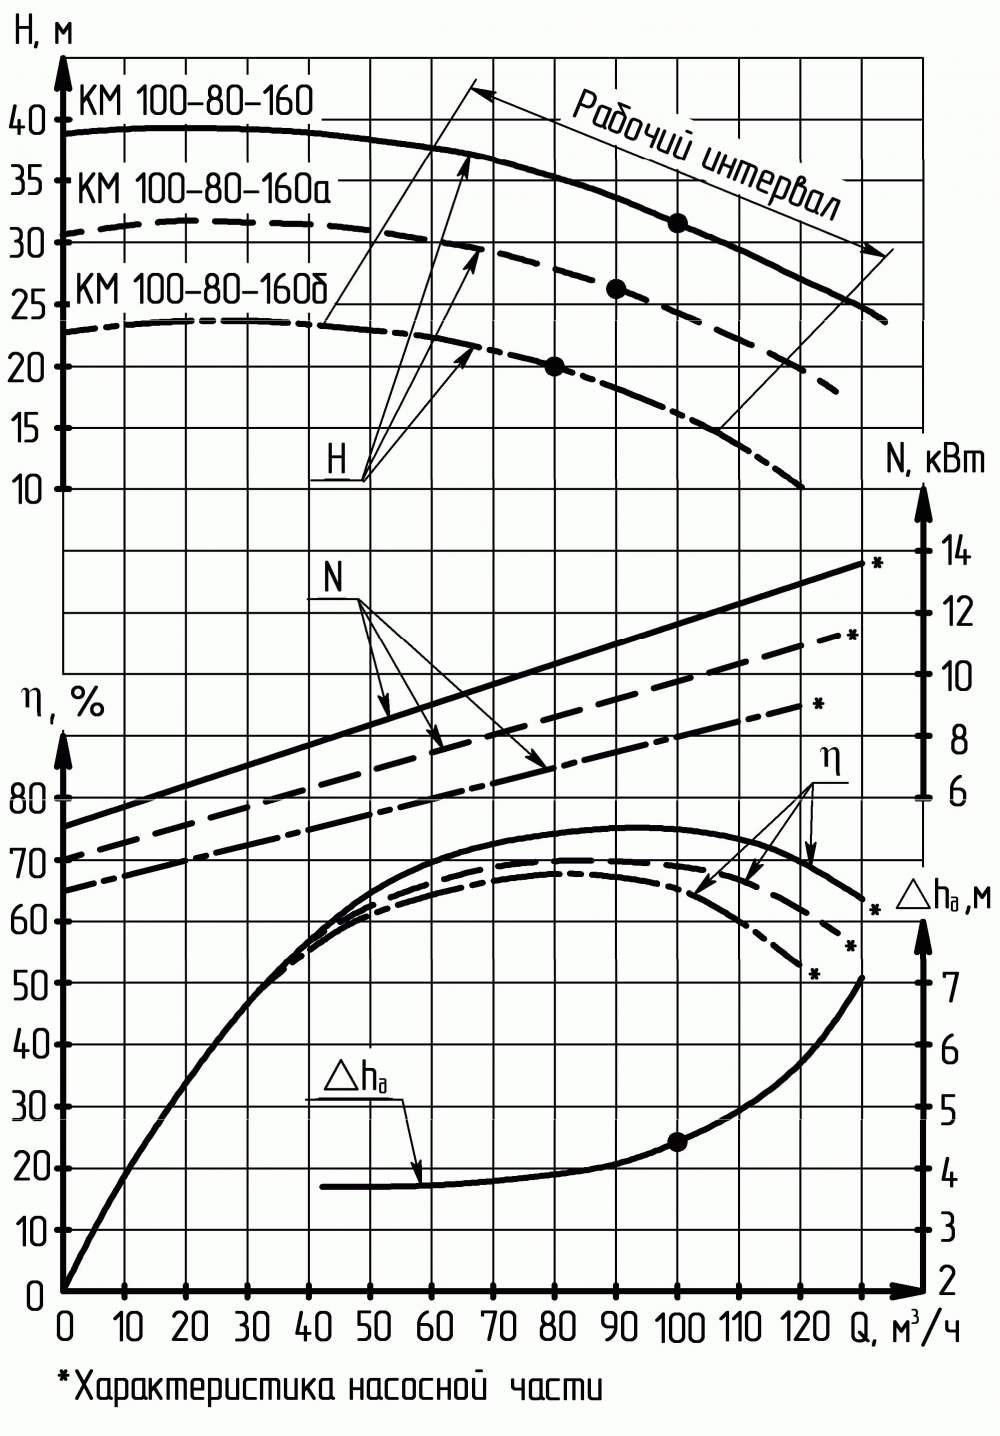 Напорная характеристика насоса КМ 100-80-160а-с